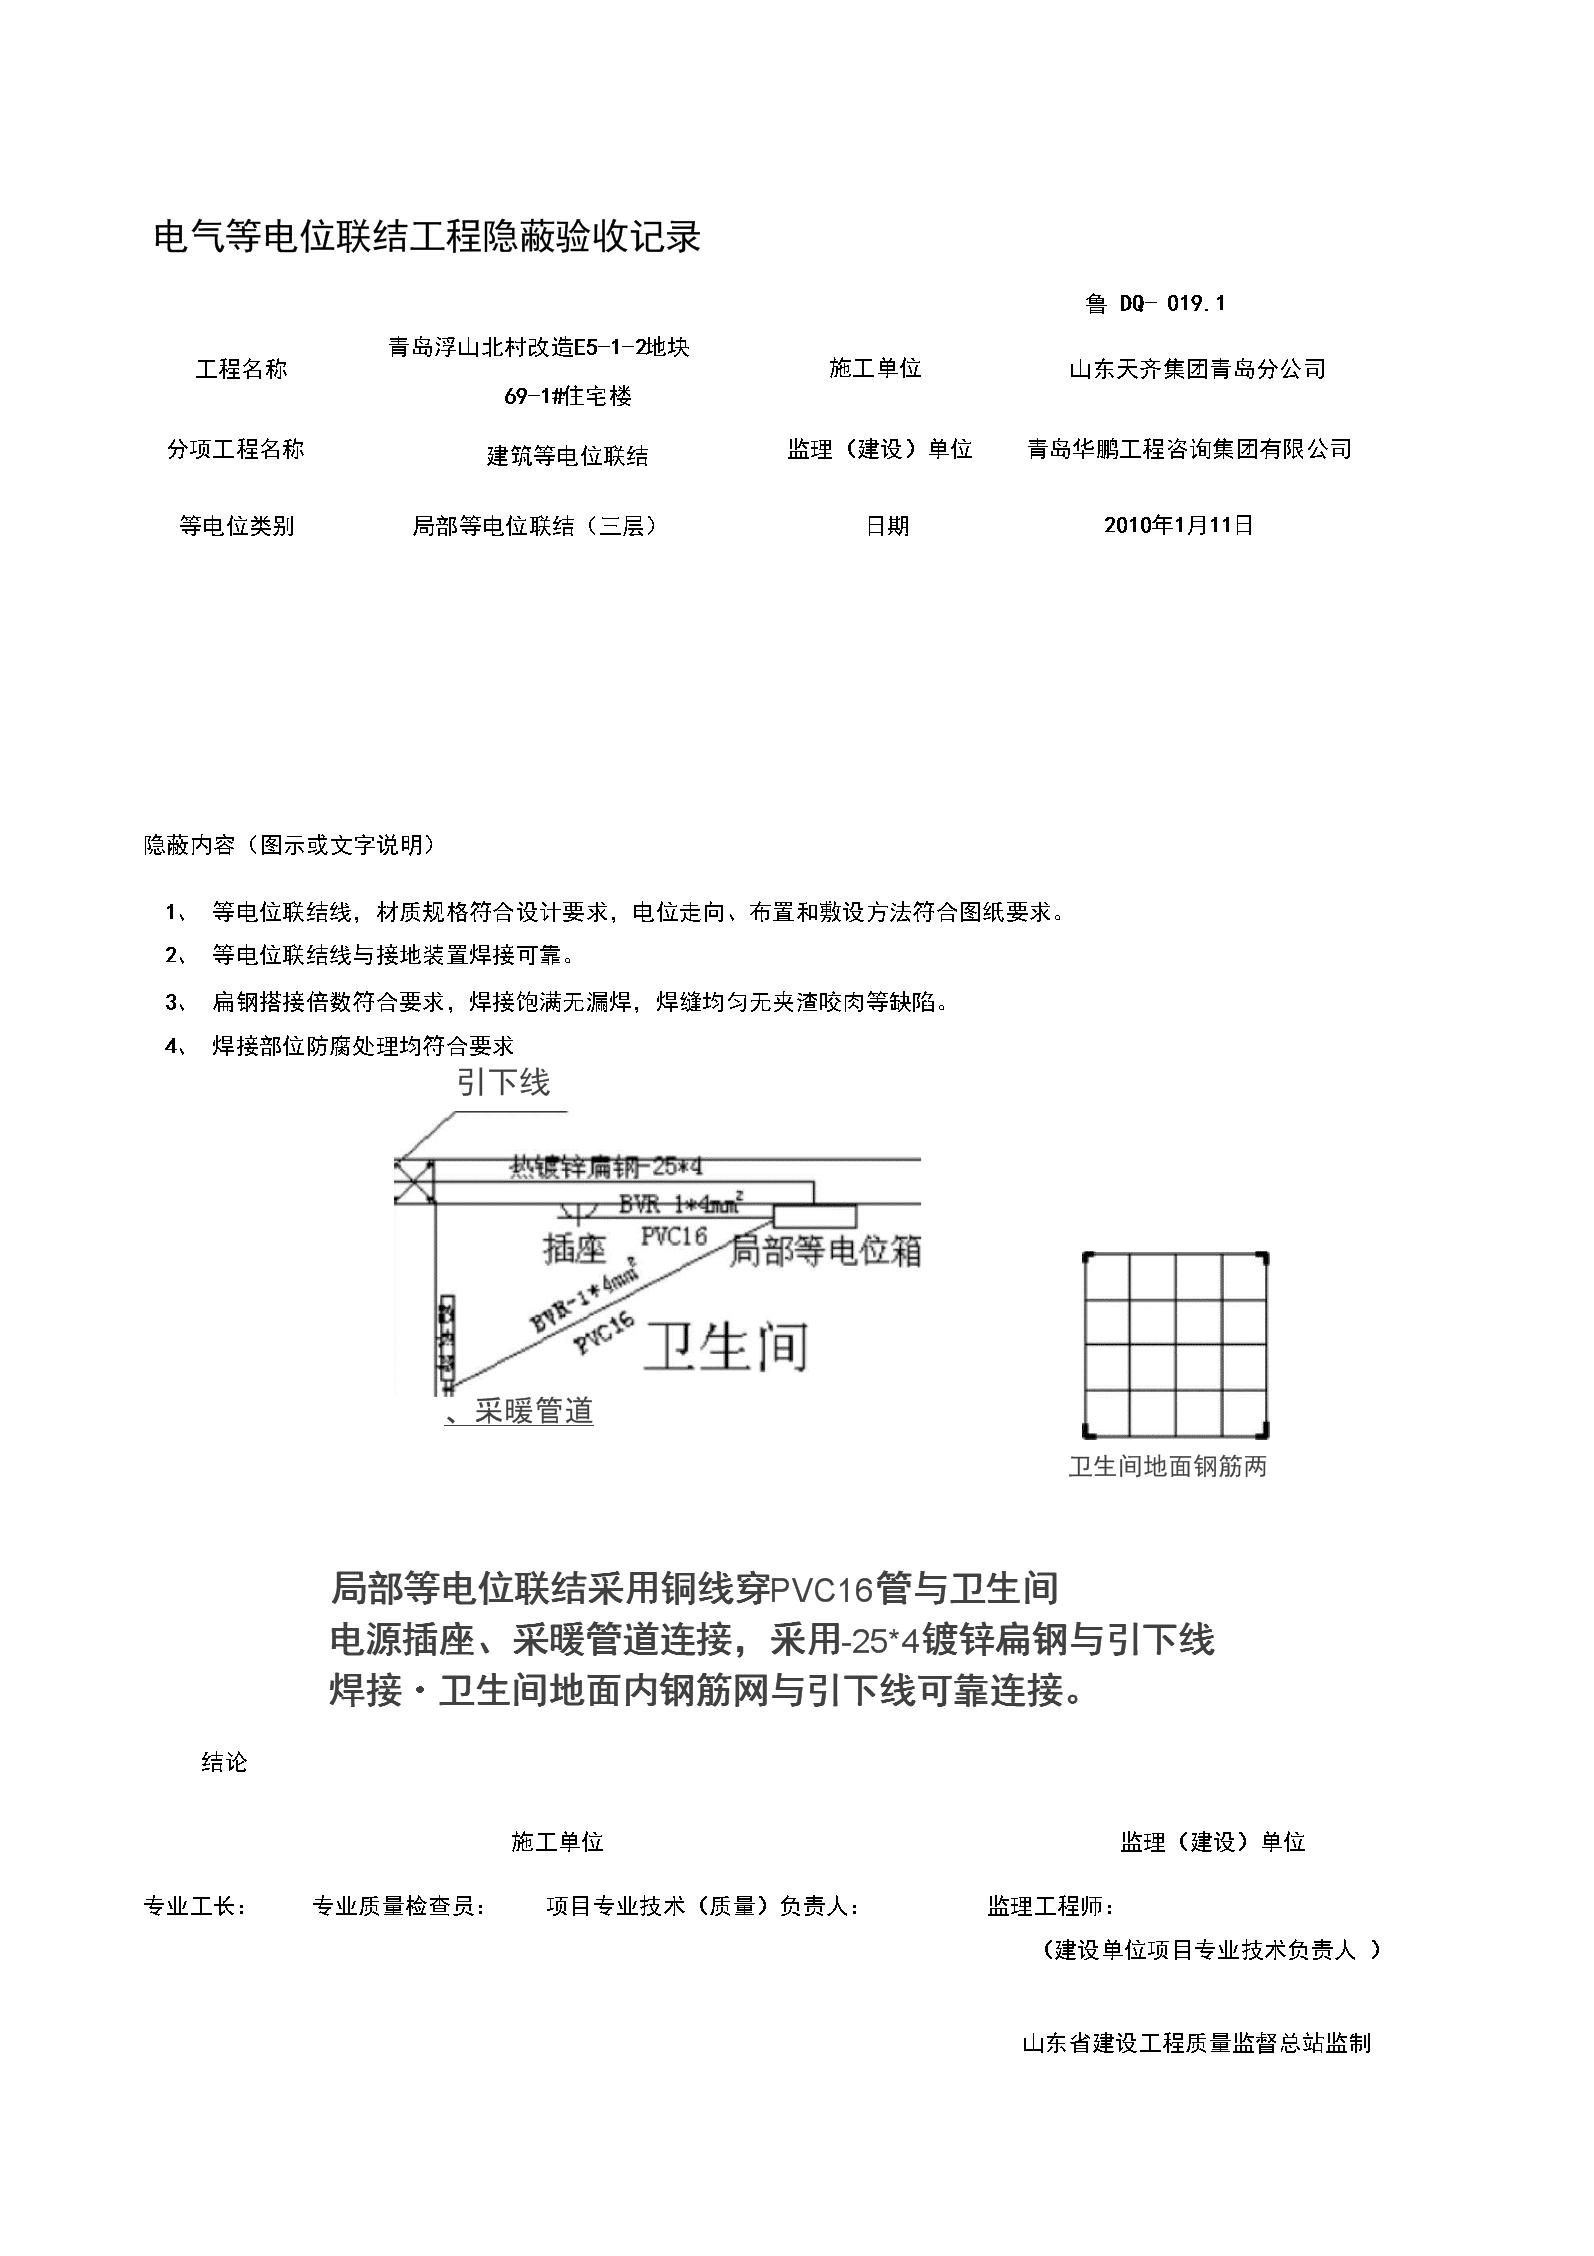 019.1-电气等电位联结工程隐蔽验收记录.docx